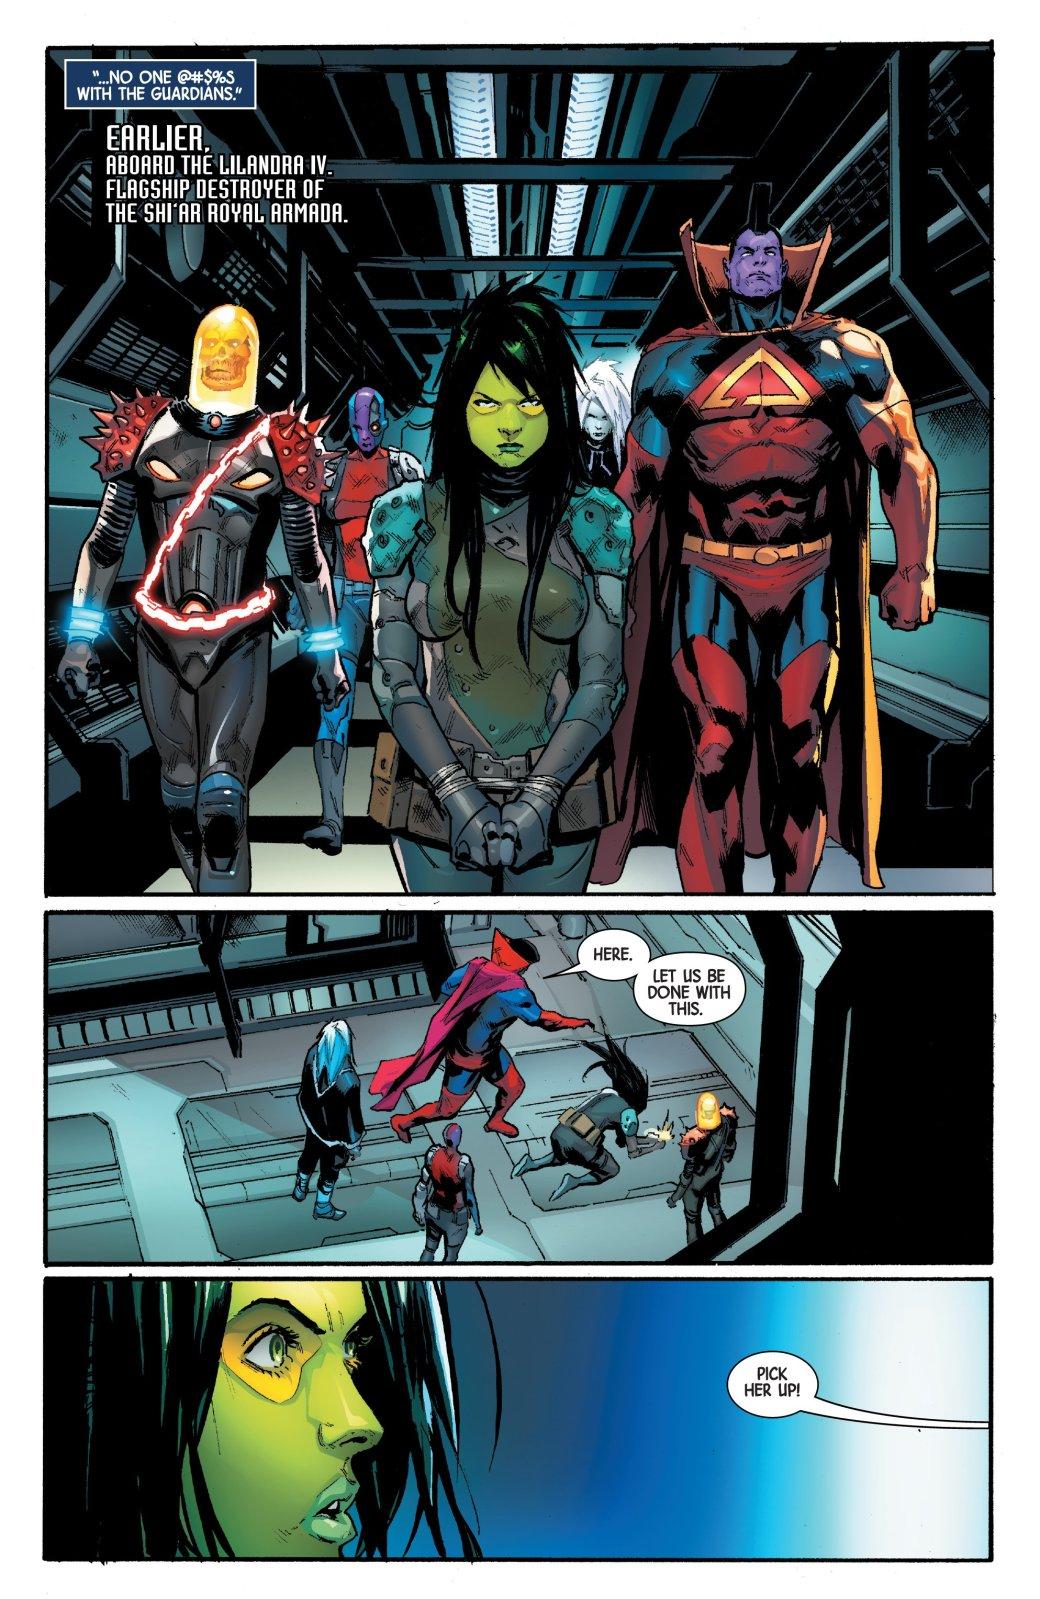 Как Хела сумела возродить своего возлюбленного Таноса настраницах комиксов Marvel? | Канобу - Изображение 4